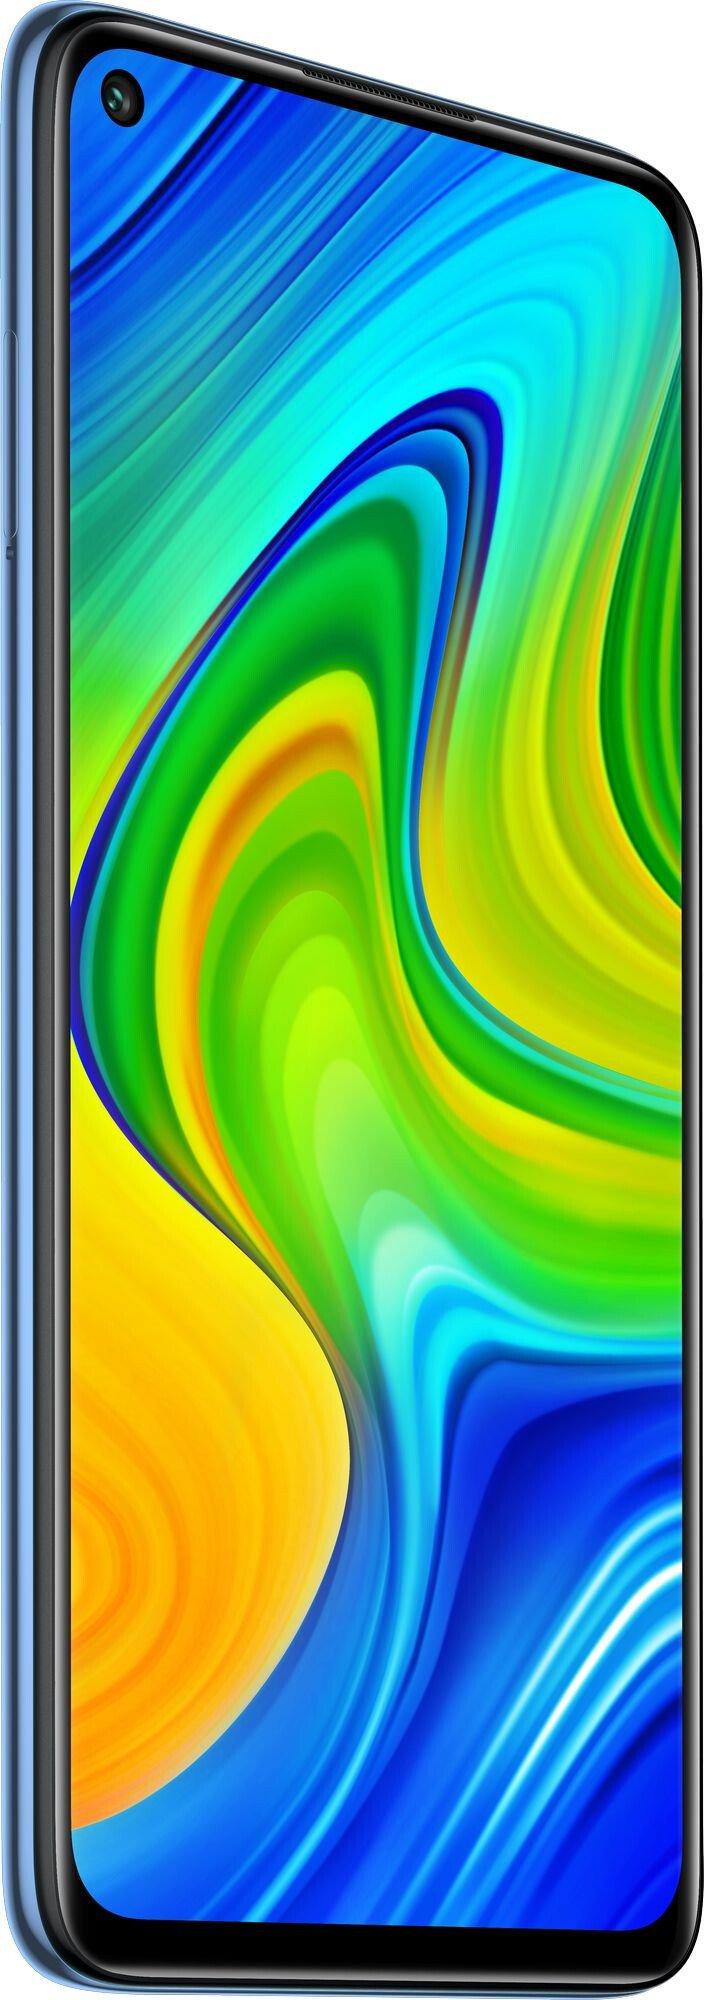 Xiaomi Redmi Note 9 3GB/64GB 865858057079324 - 2